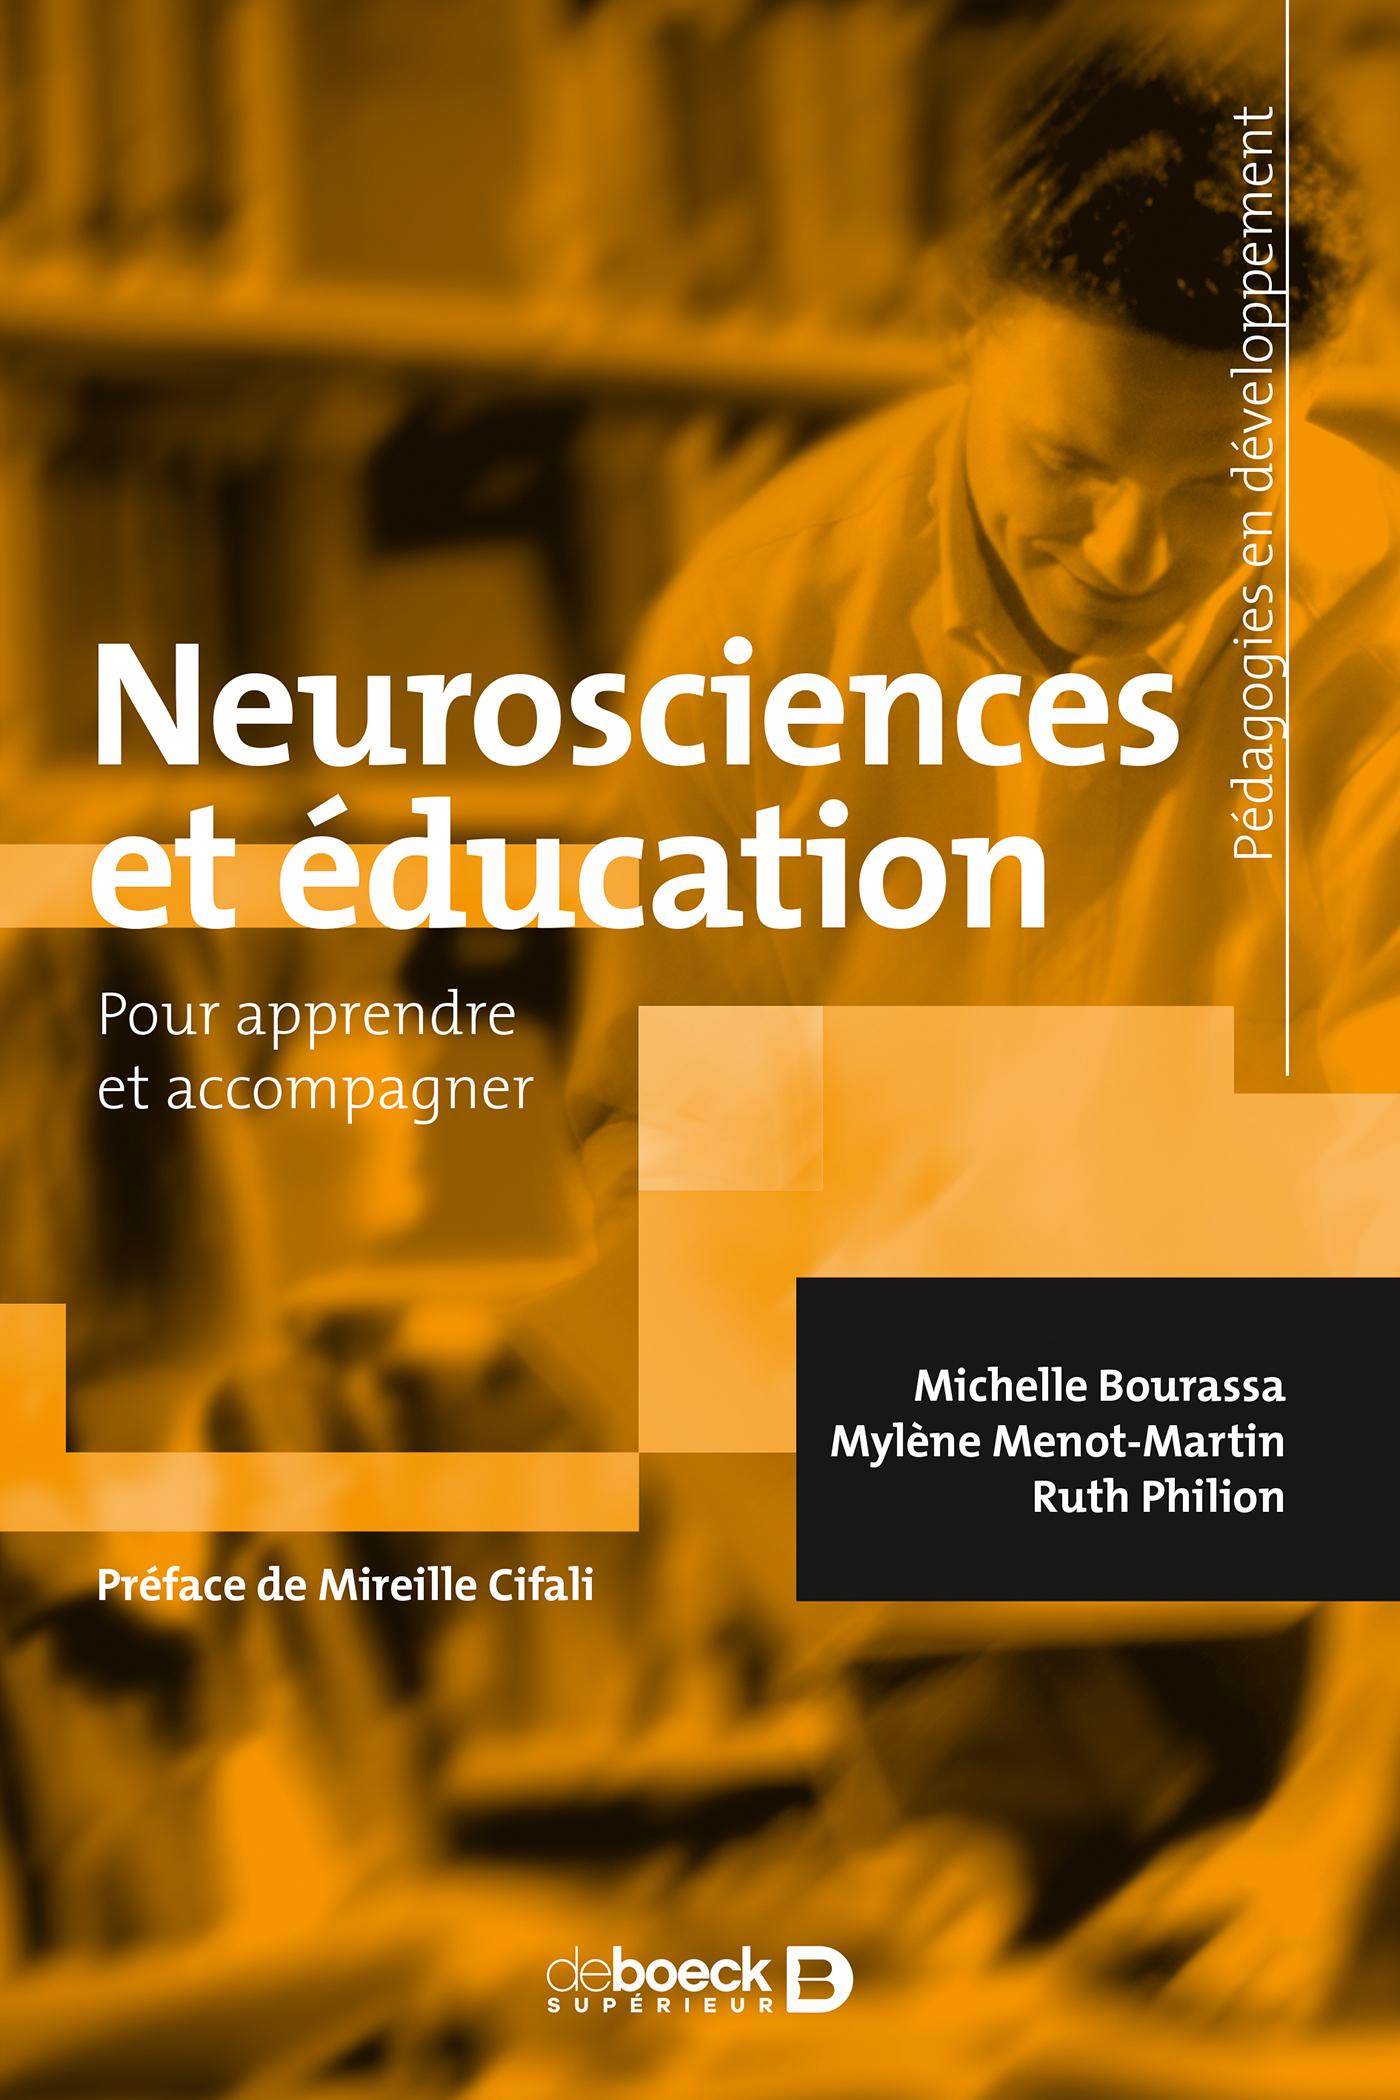 NEUROSCIENCES ET EDUCATION